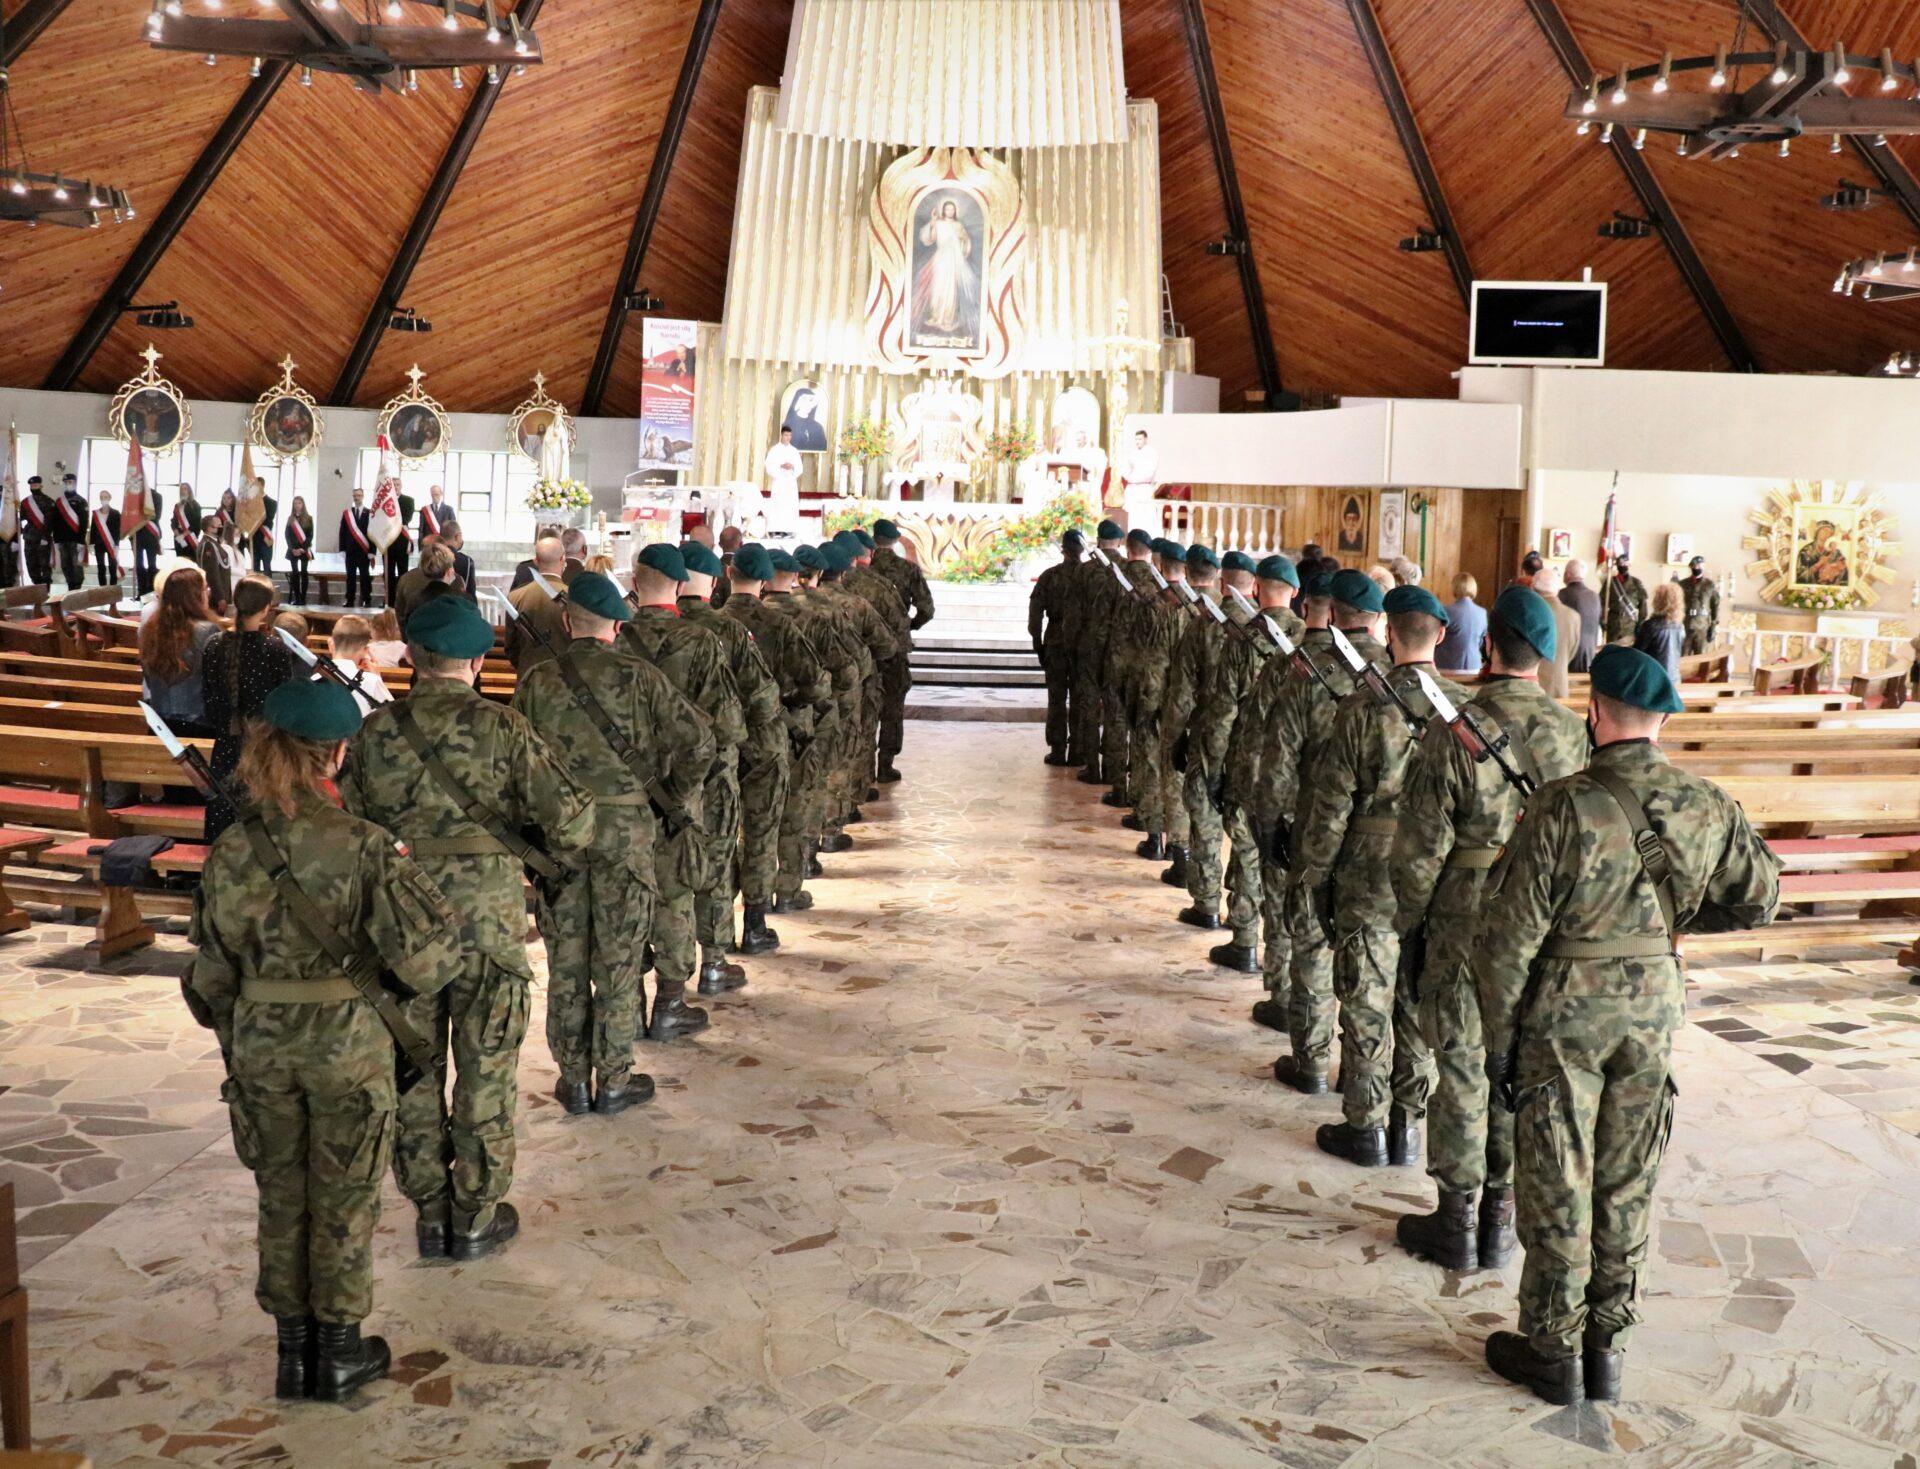 Obchody 82. rocznicy wybuchu II wojny światowej w kościele p.w. Miłosierdzia Bożego w Brzegu